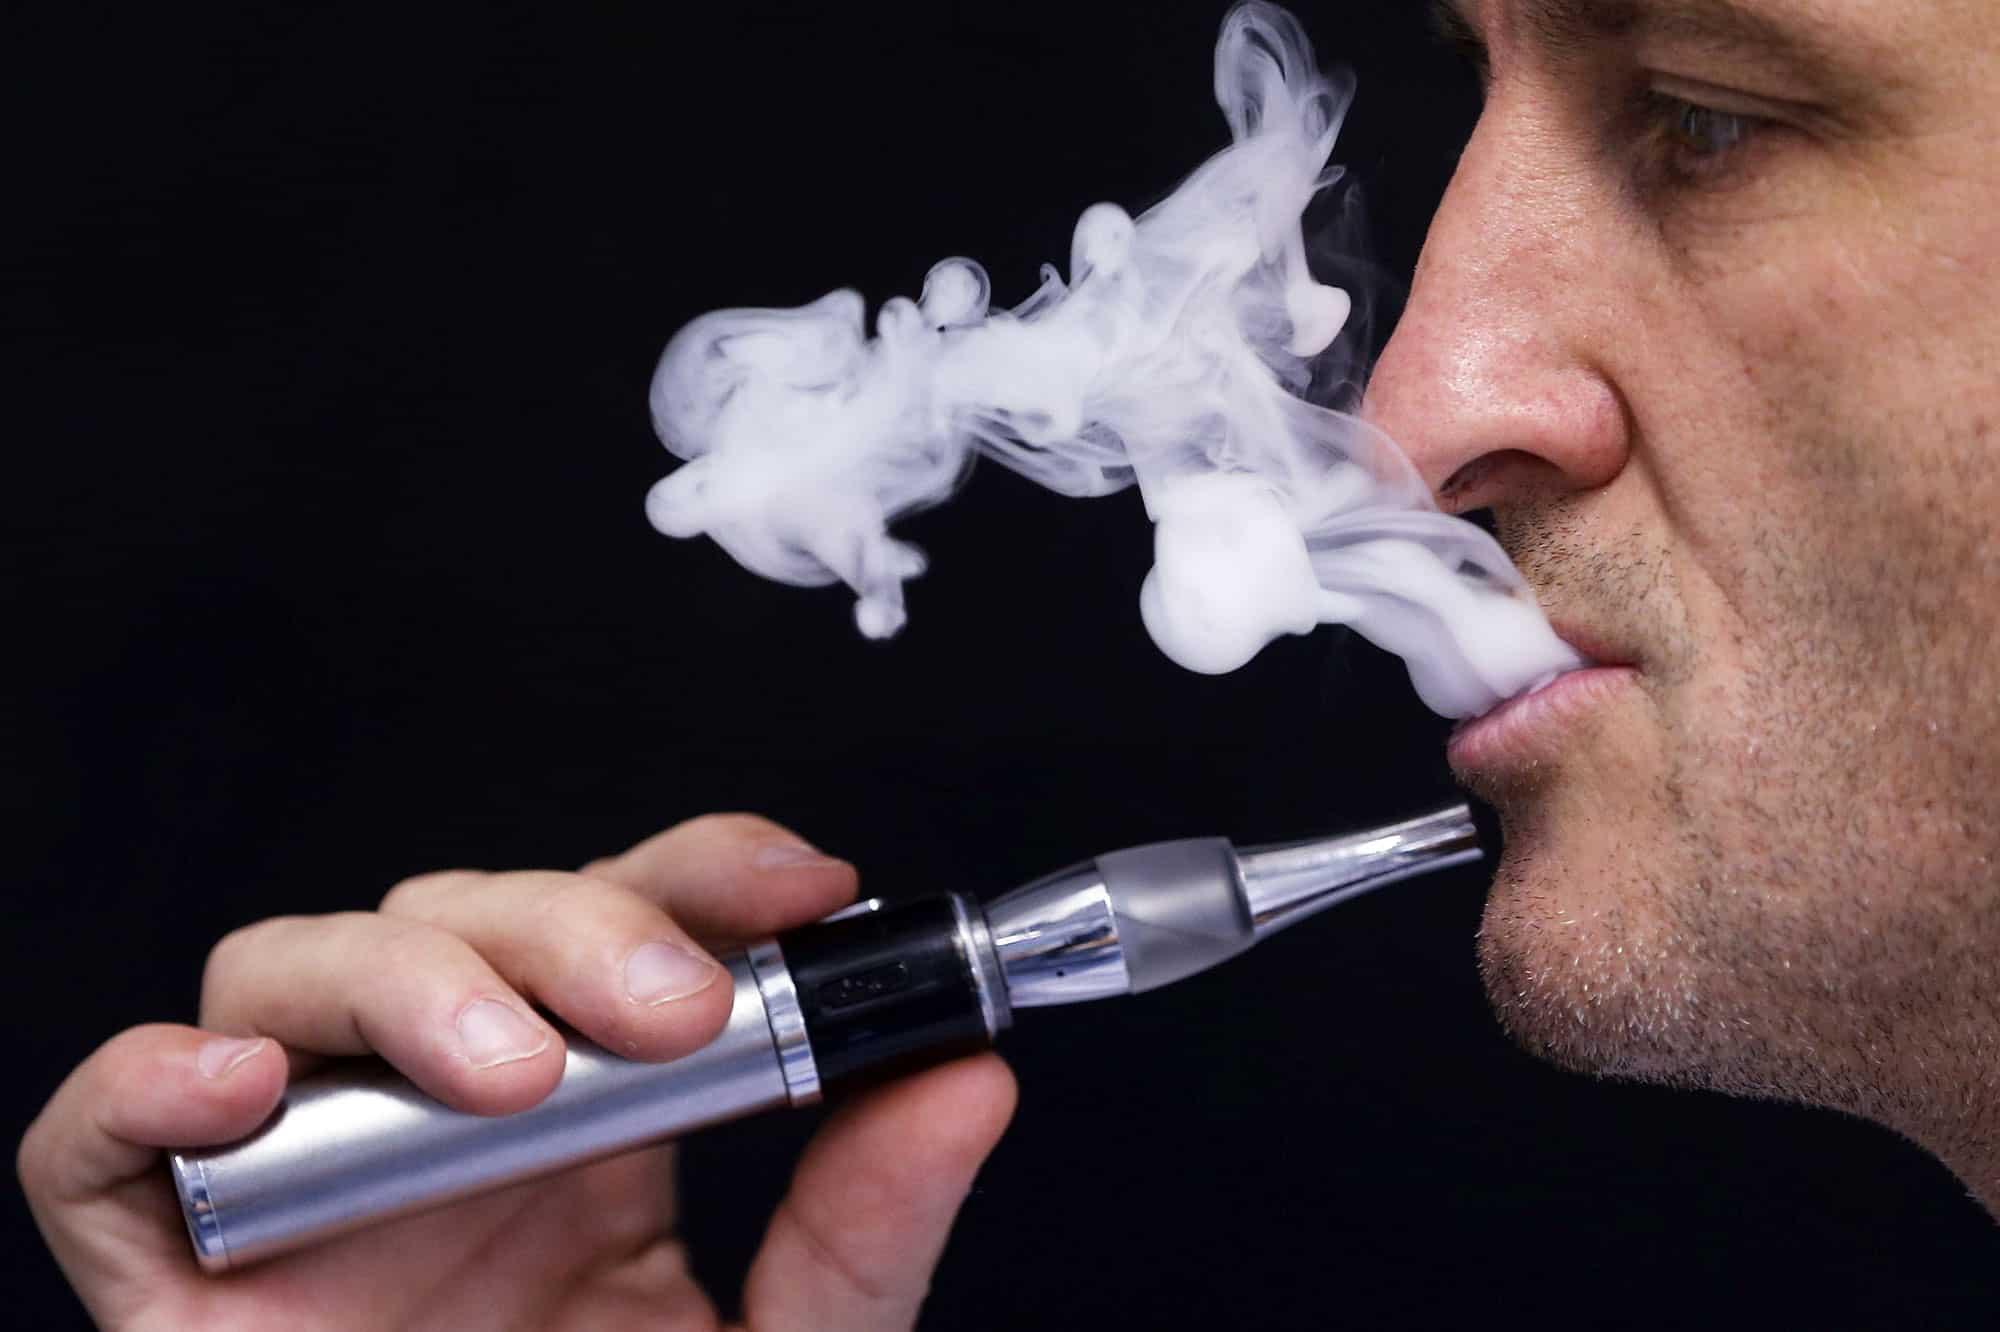 La-cigarette-electronique-produit-du-tabac-ou-medicament